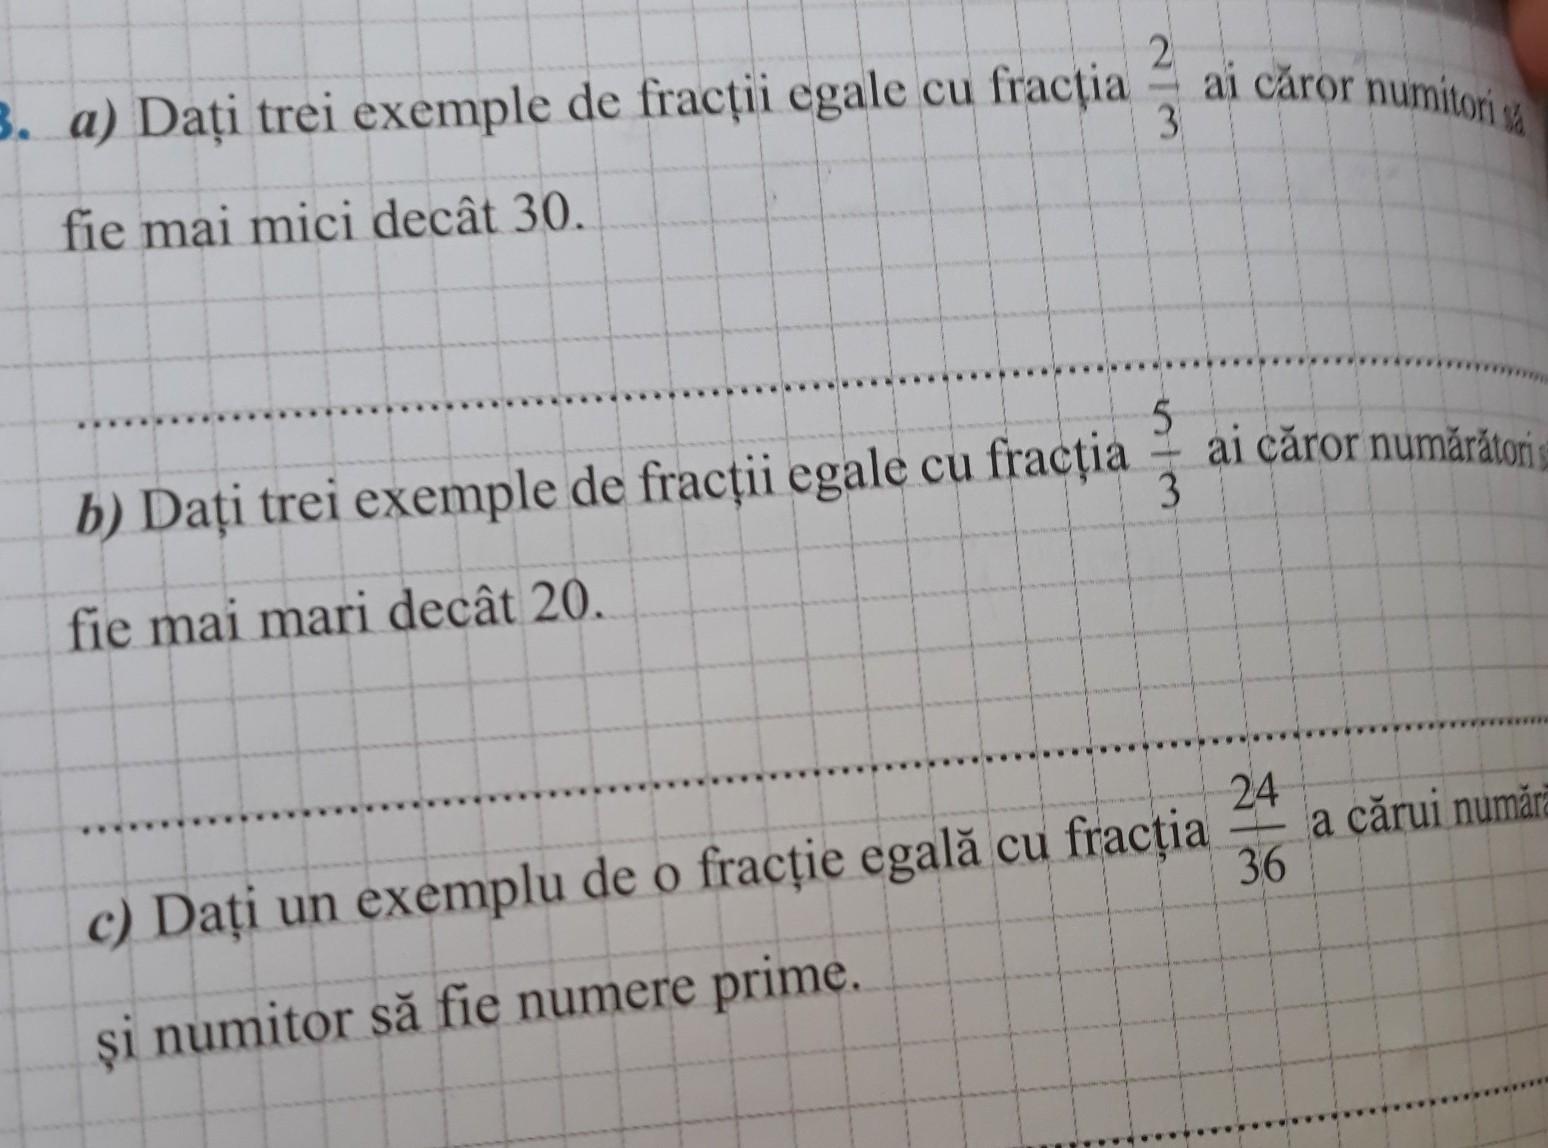 a) Dati trei exemple de fractii egale cu fractia 2 pe 3 ai ...